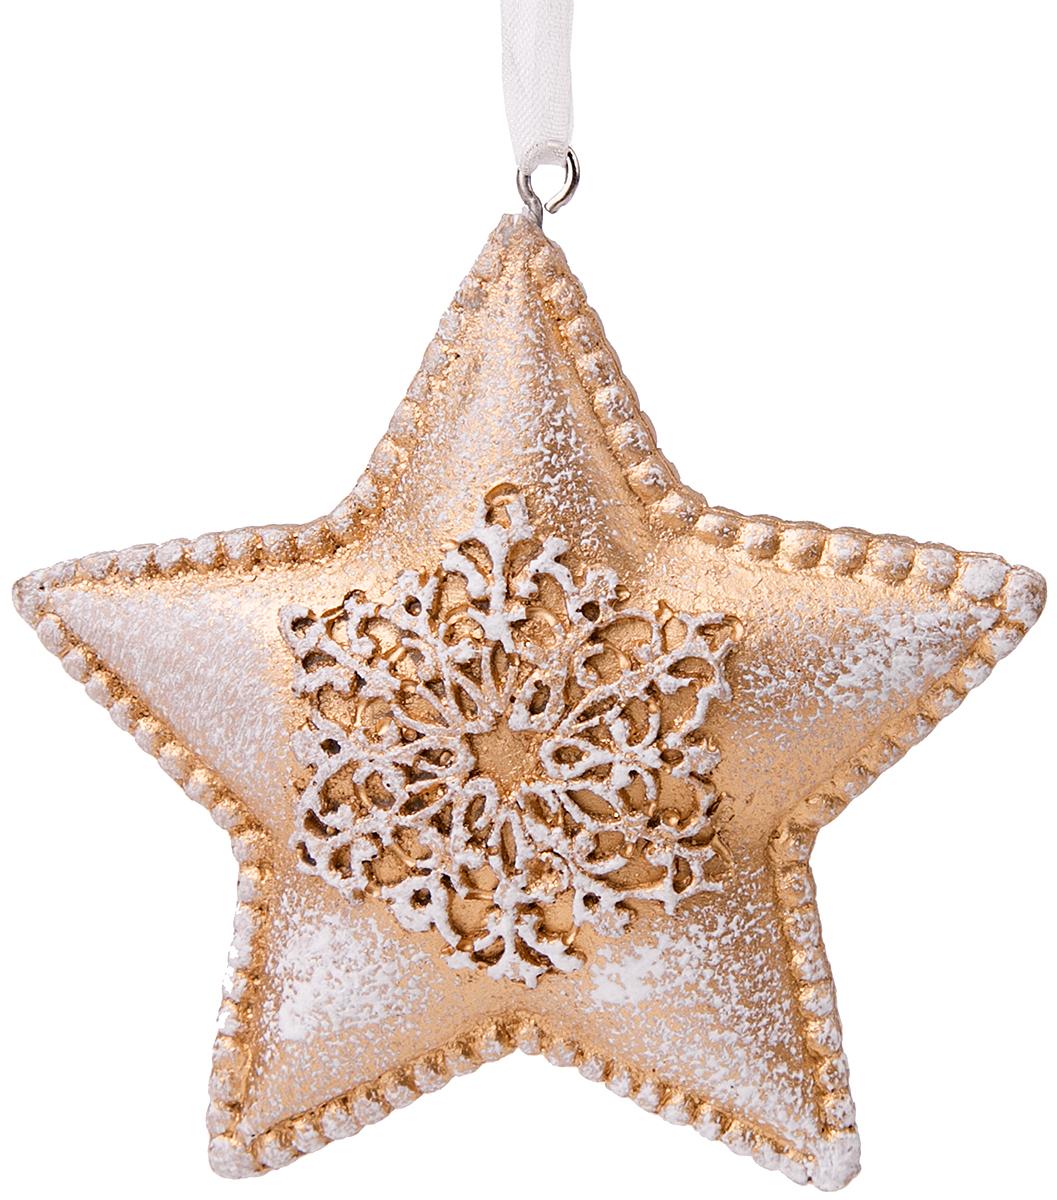 Украшение новогоднее подвесное Magic Time Снежная звезда украшение новогоднее подвесное magic time морозная звезда 8 см